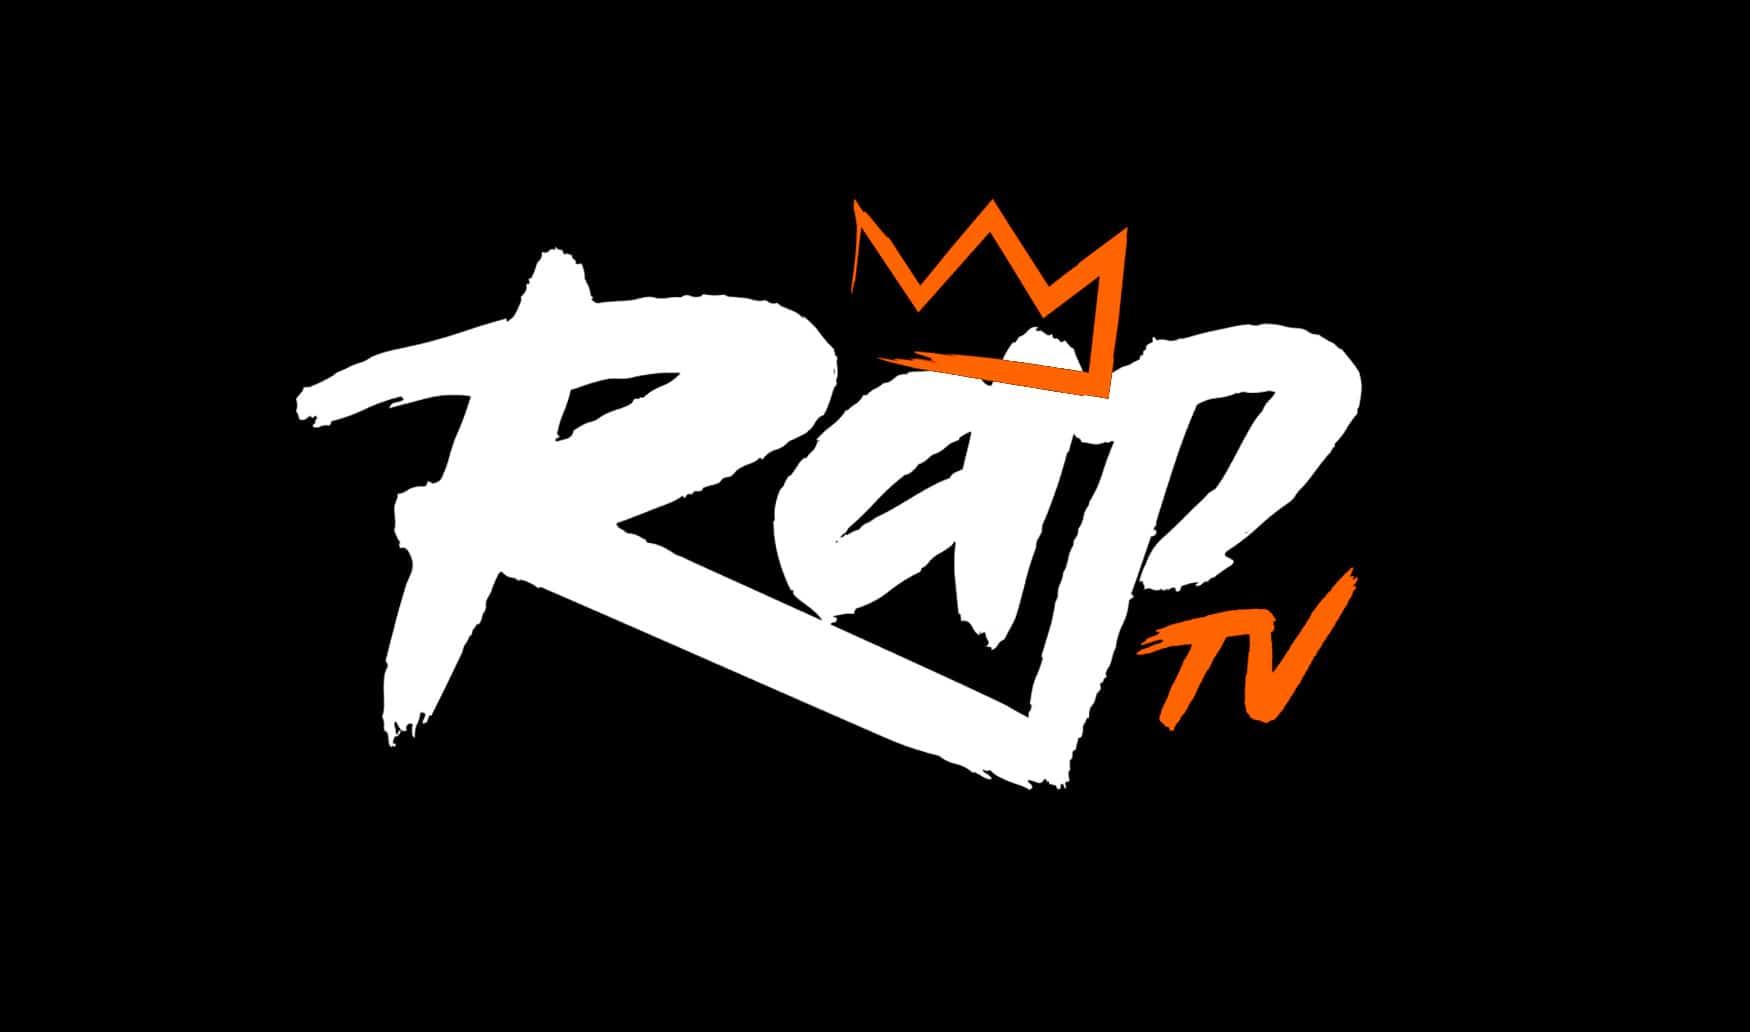 Ratpv